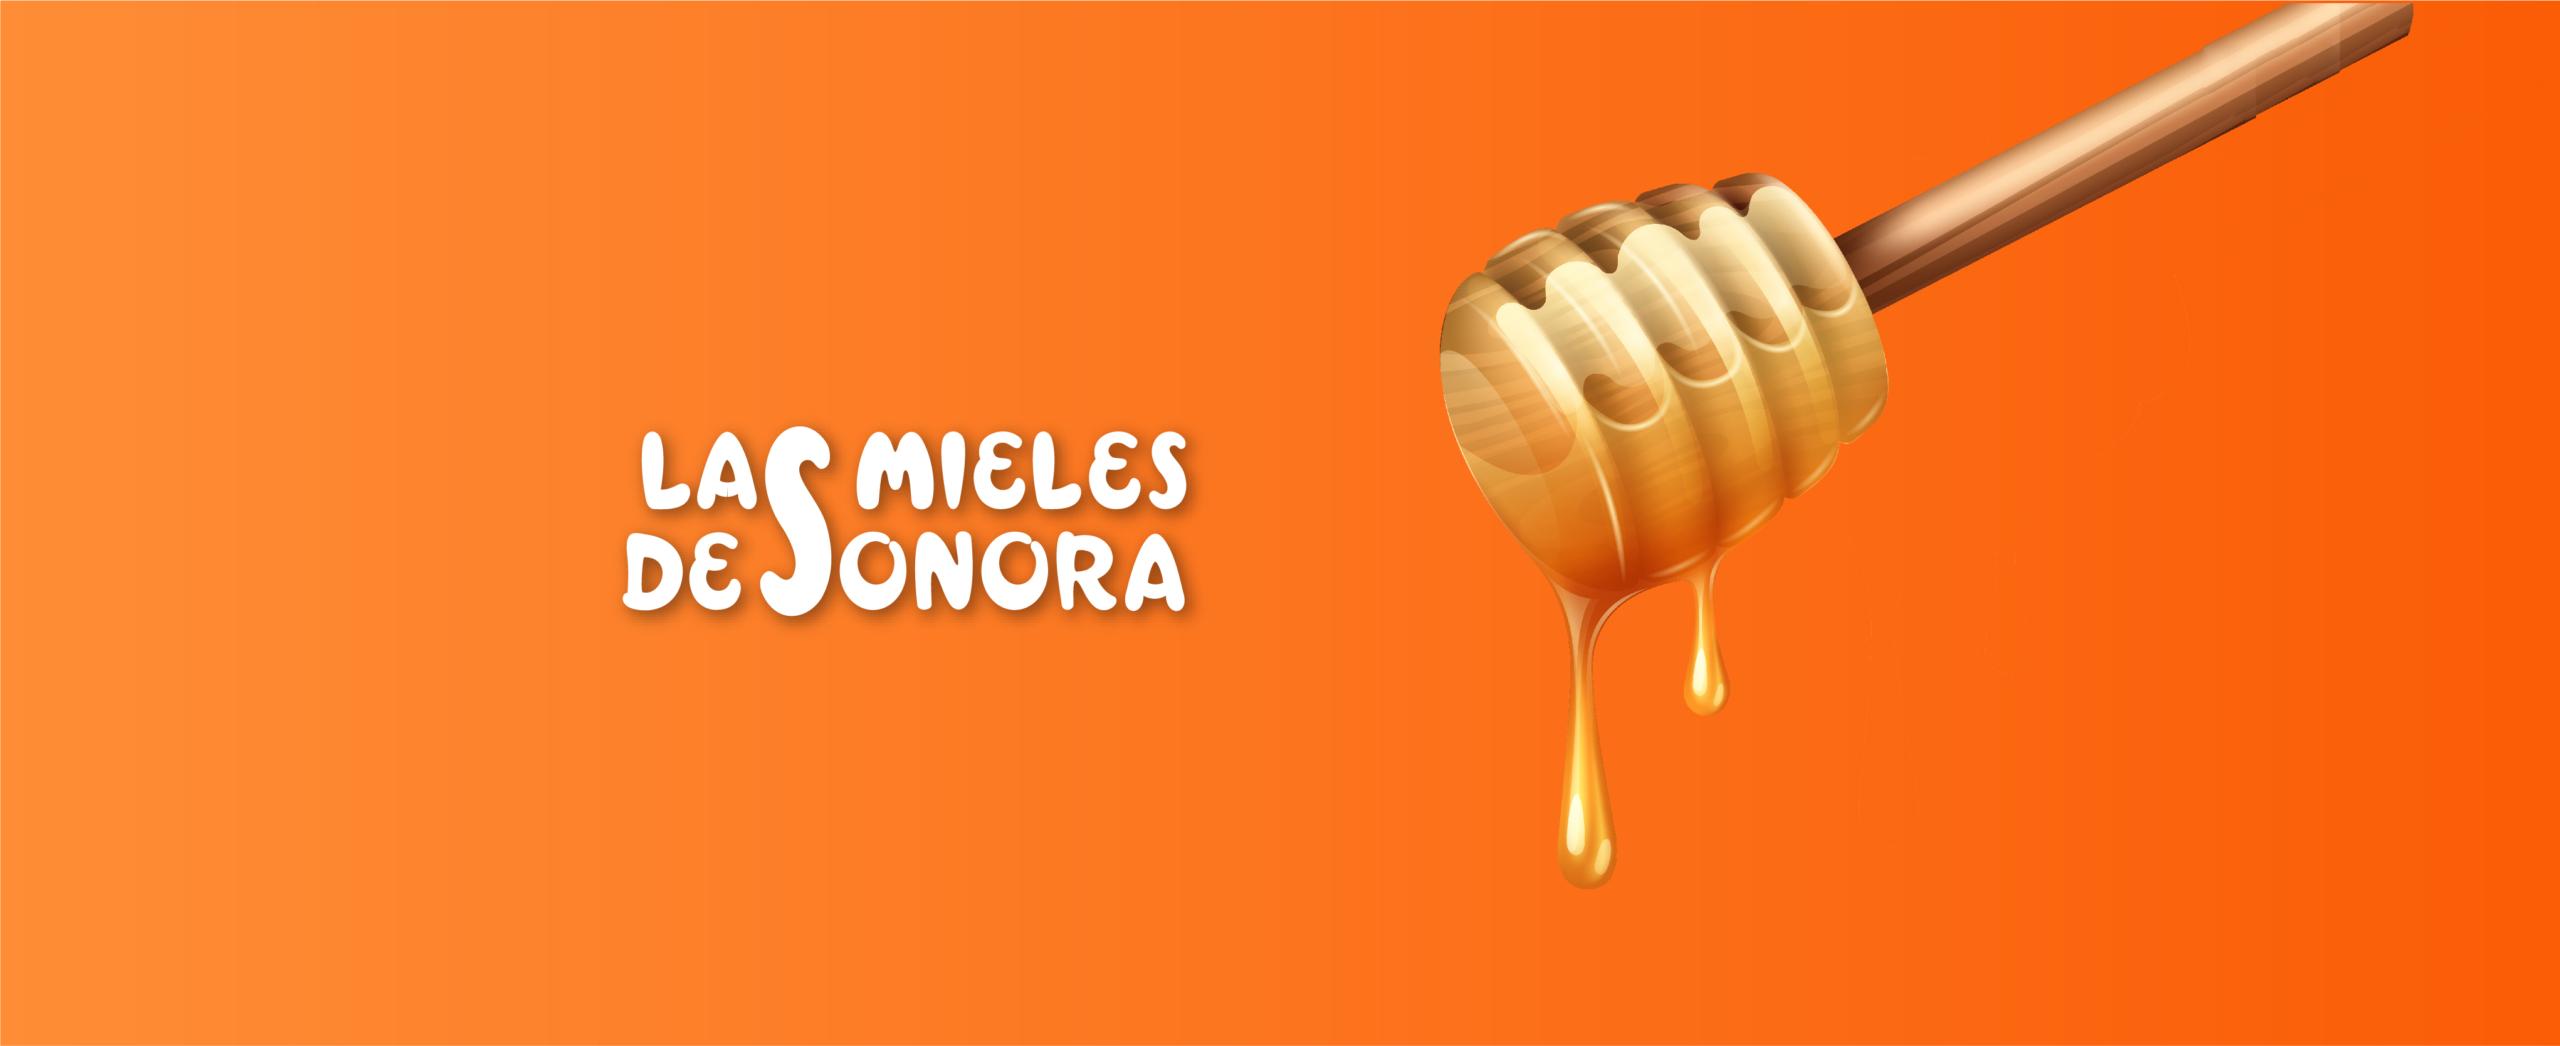 Las Mieles de Sonora